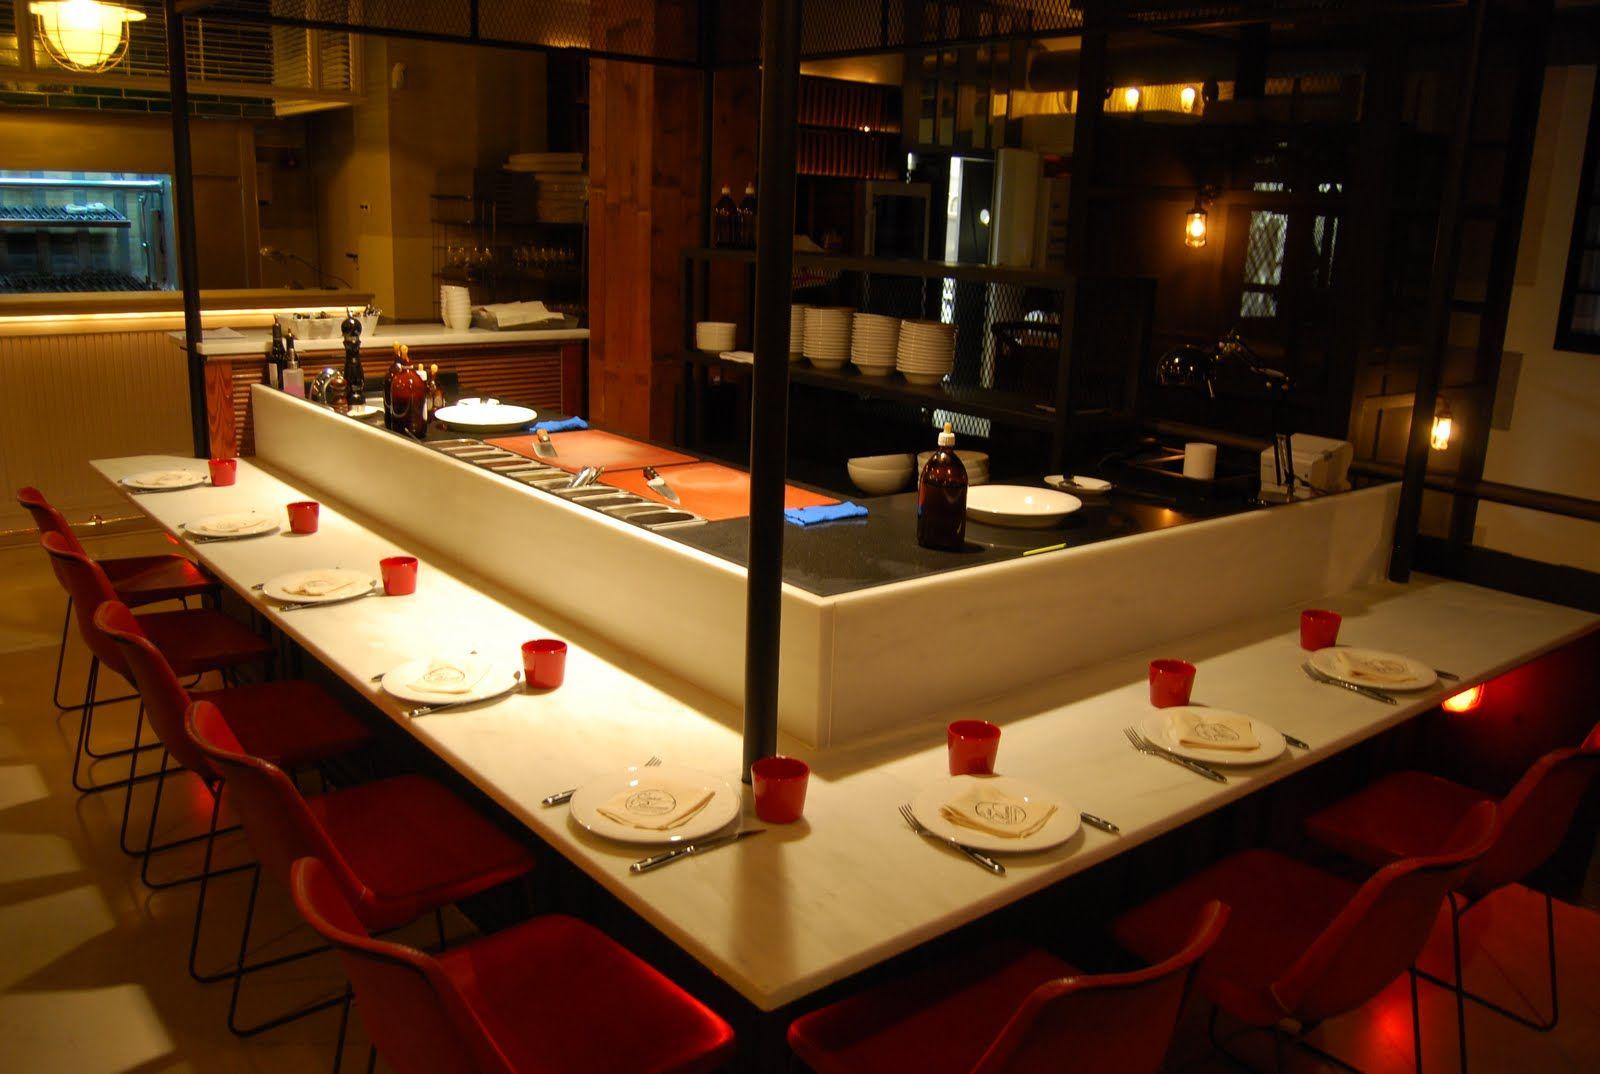 Tartar and Caviar Bar at Casa Paloma